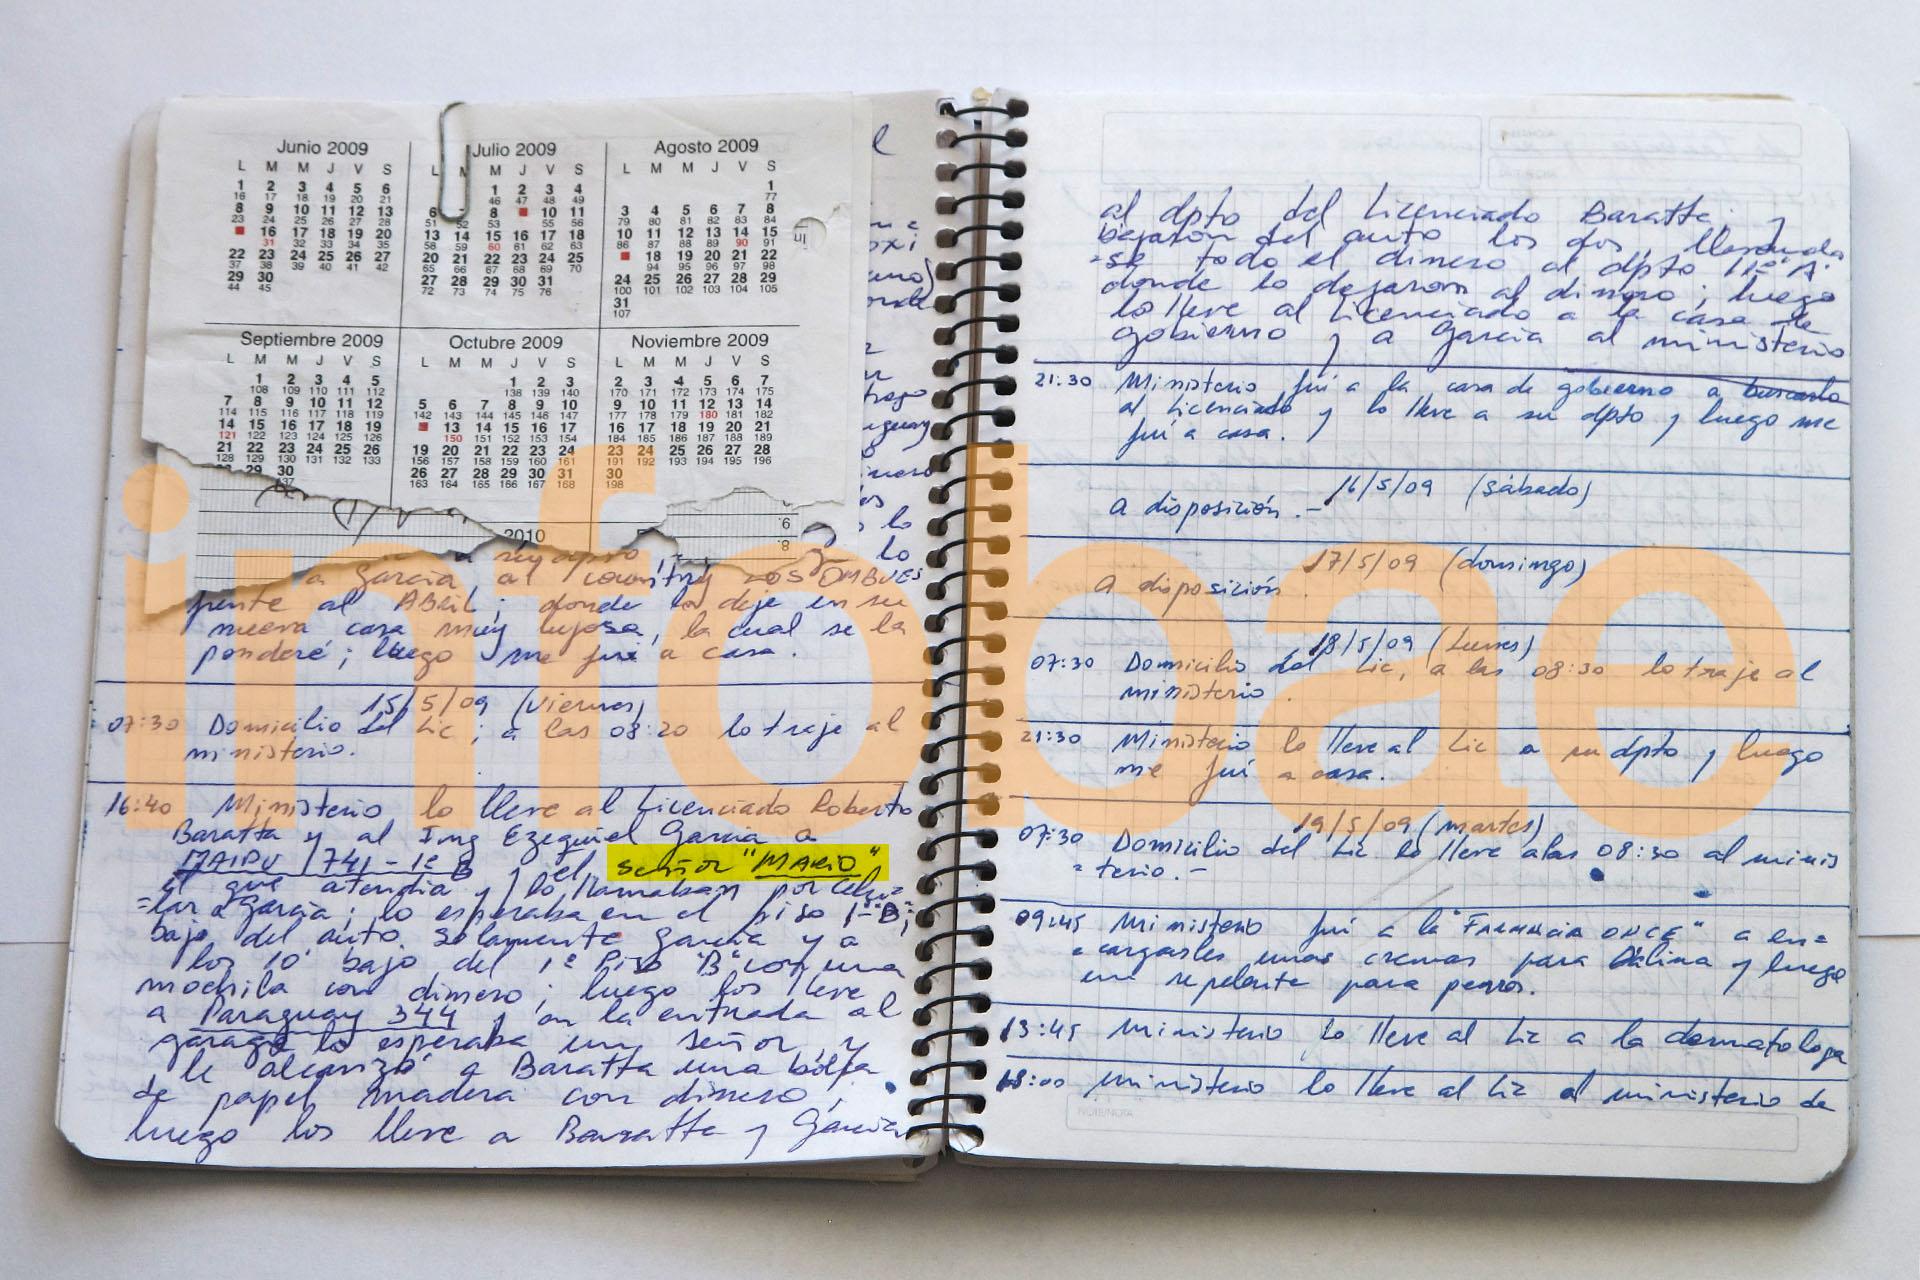 Mario Maxit Cuaderno-2009-Con-marca-de-agua-8